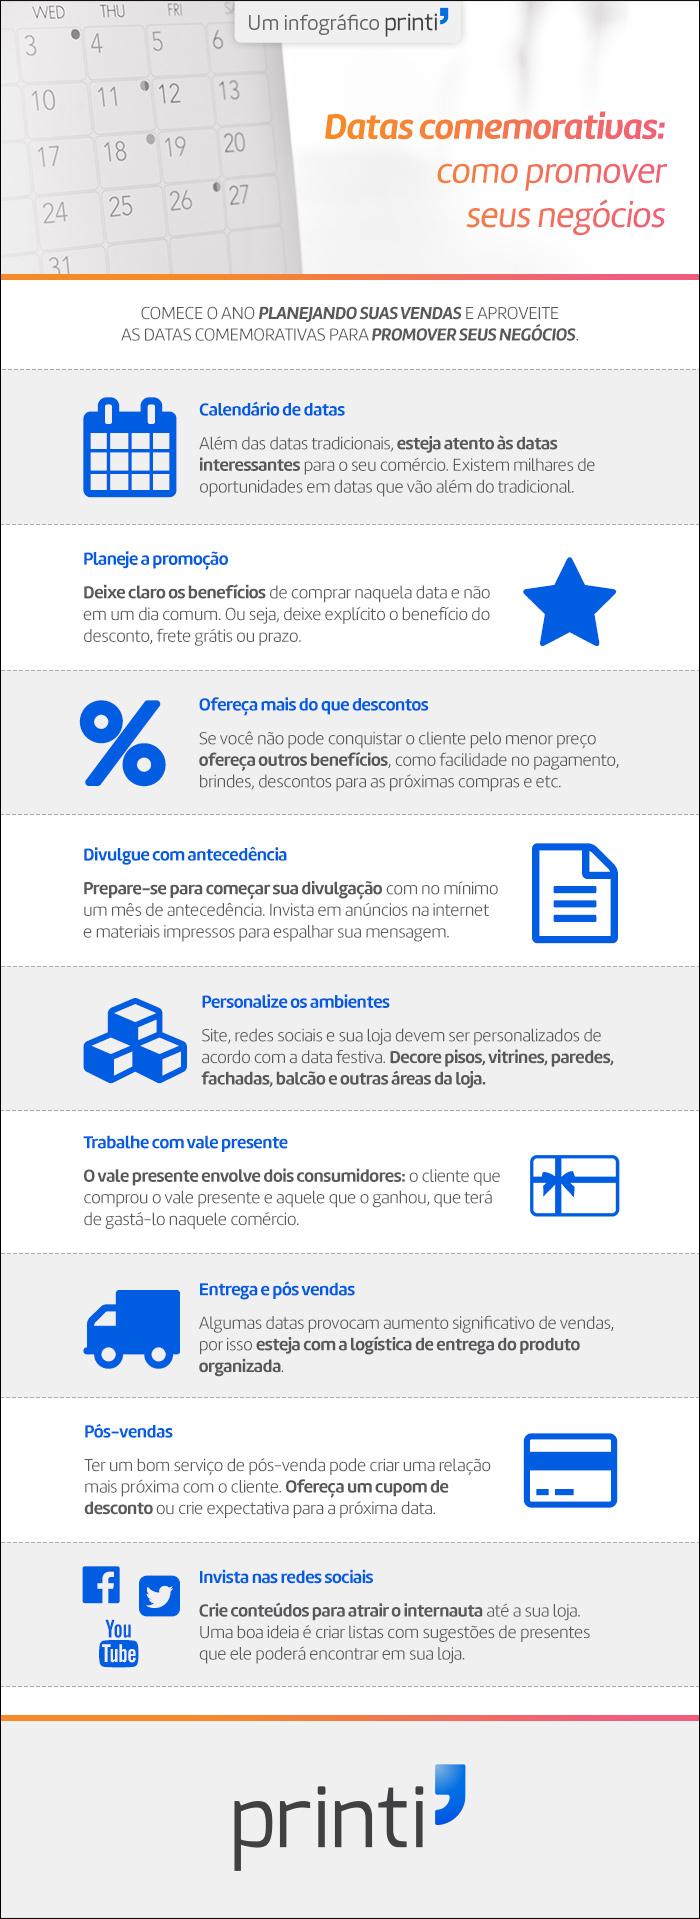 Datas comemorativas: como promover seus negócios